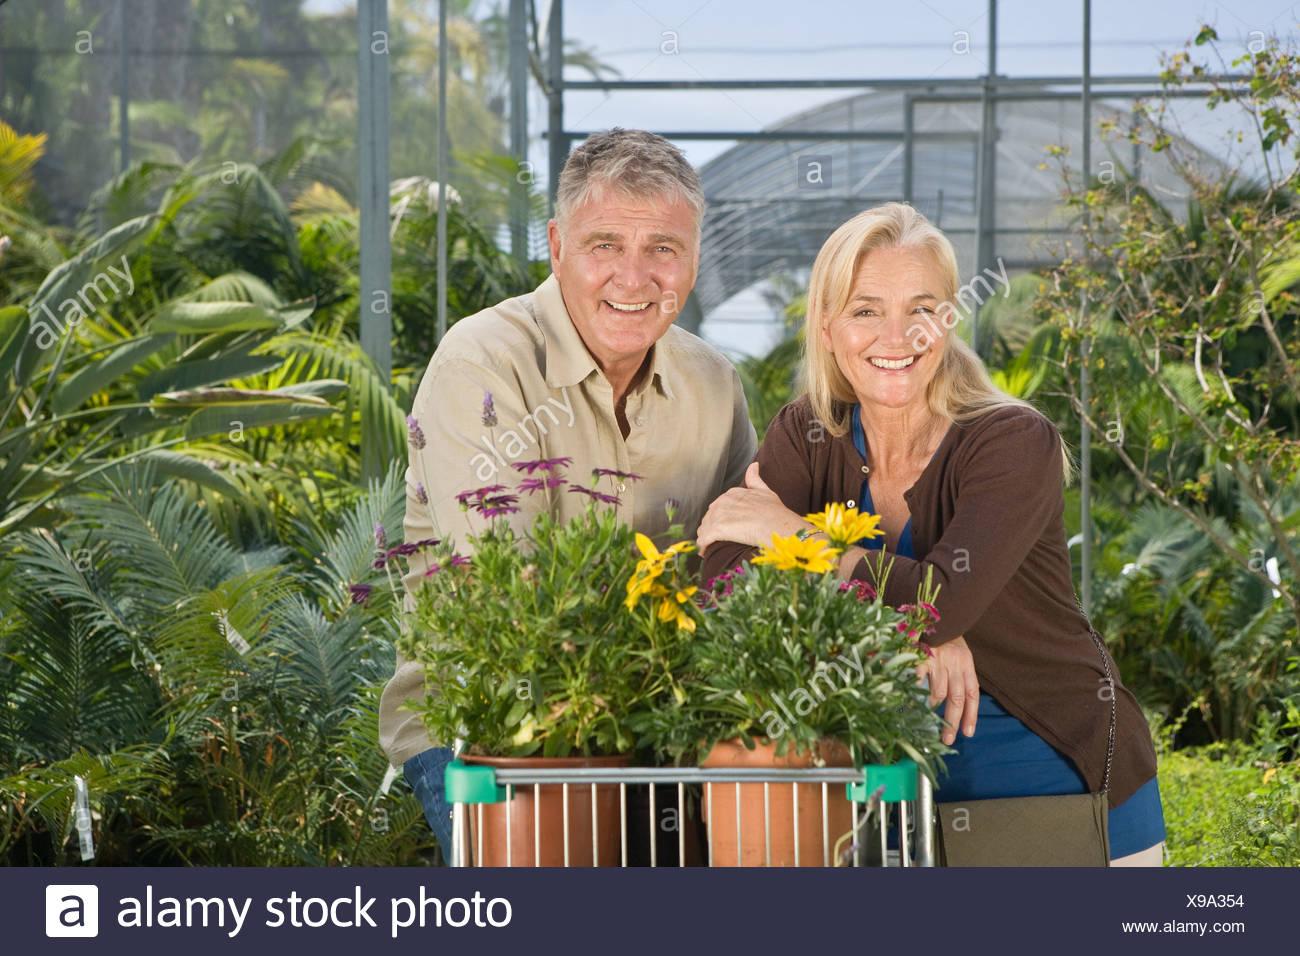 Couple shopping in garden centre - Stock Image